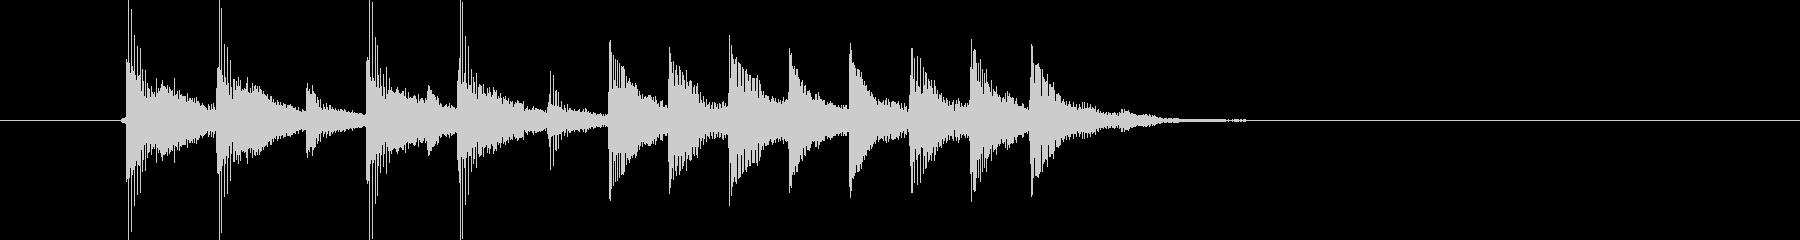 煌びやかでキャッチ―なポップジングルの未再生の波形